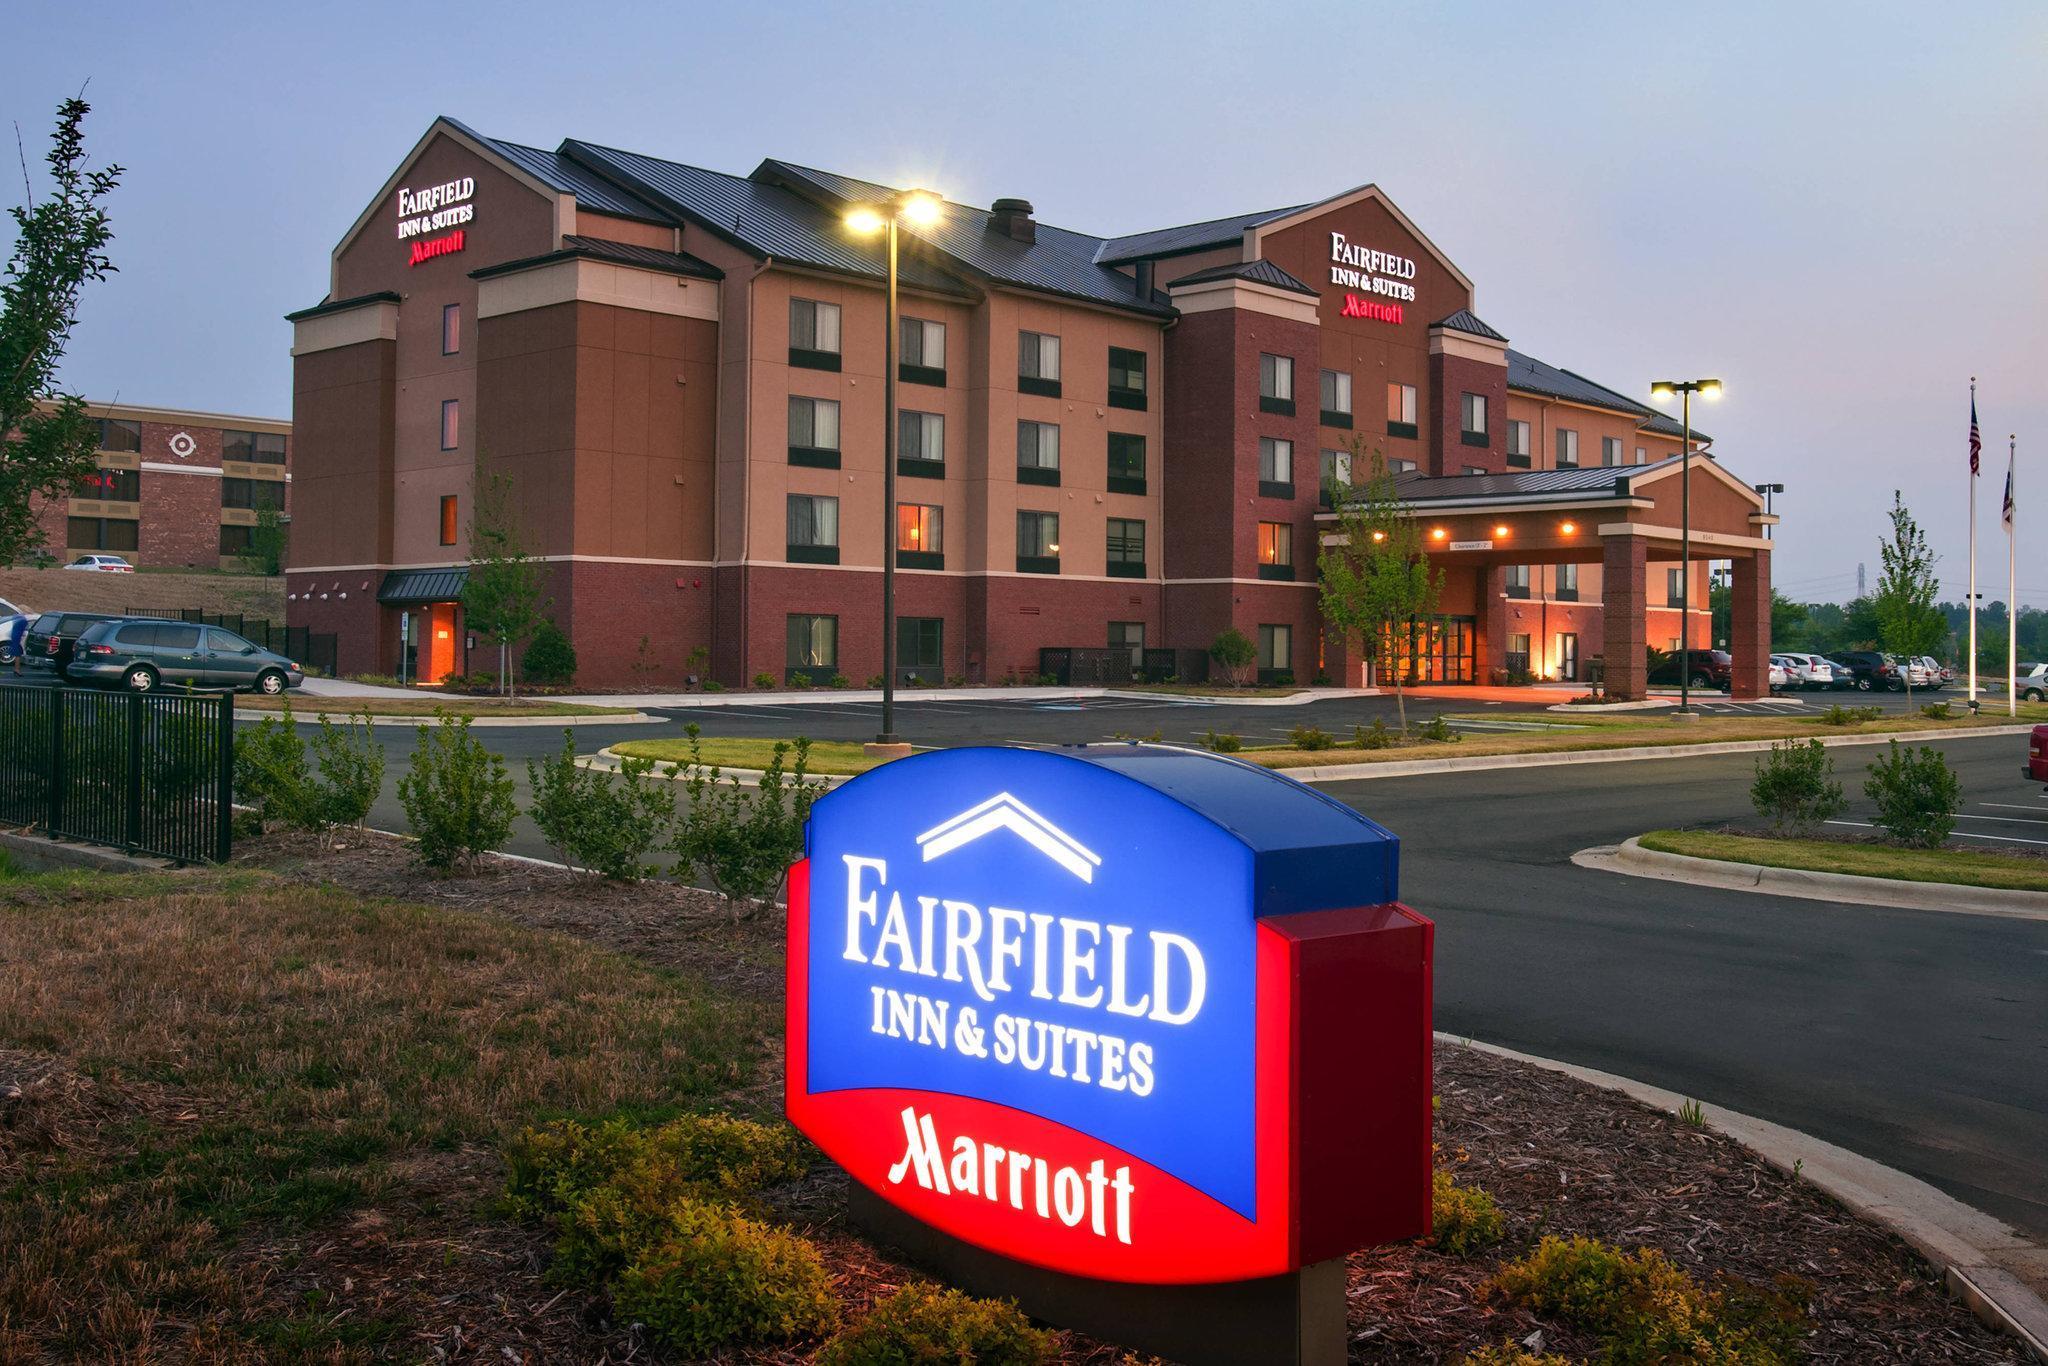 Fairfield Inn And Suites Charlotte Matthews